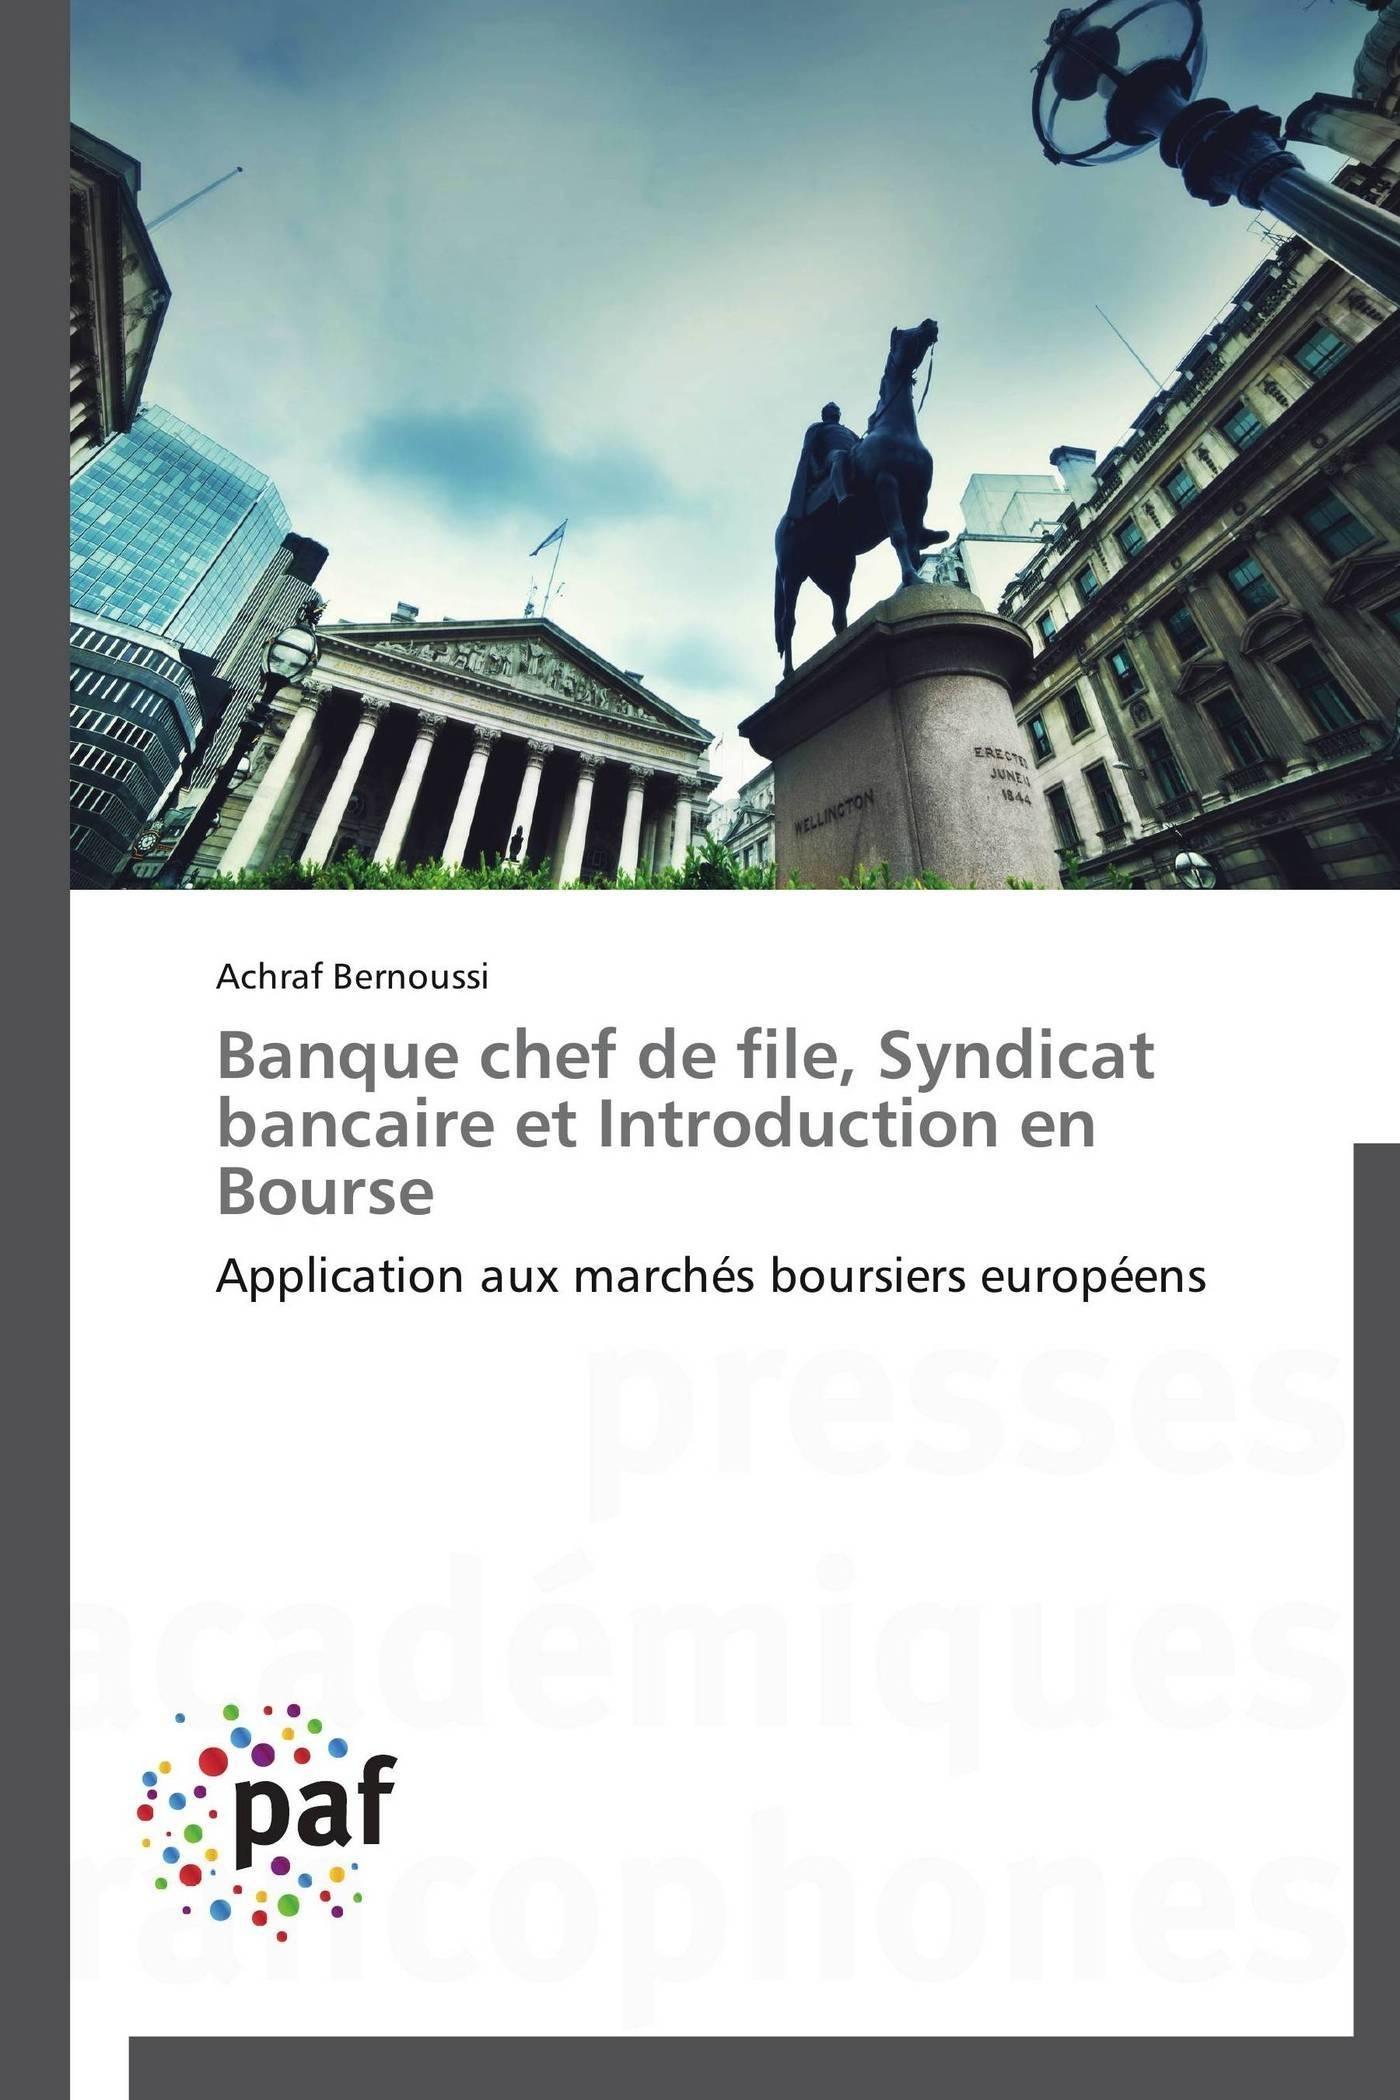 BANQUE CHEF DE FILE, SYNDICAT BANCAIRE ET INTRODUCTION EN BOURSE